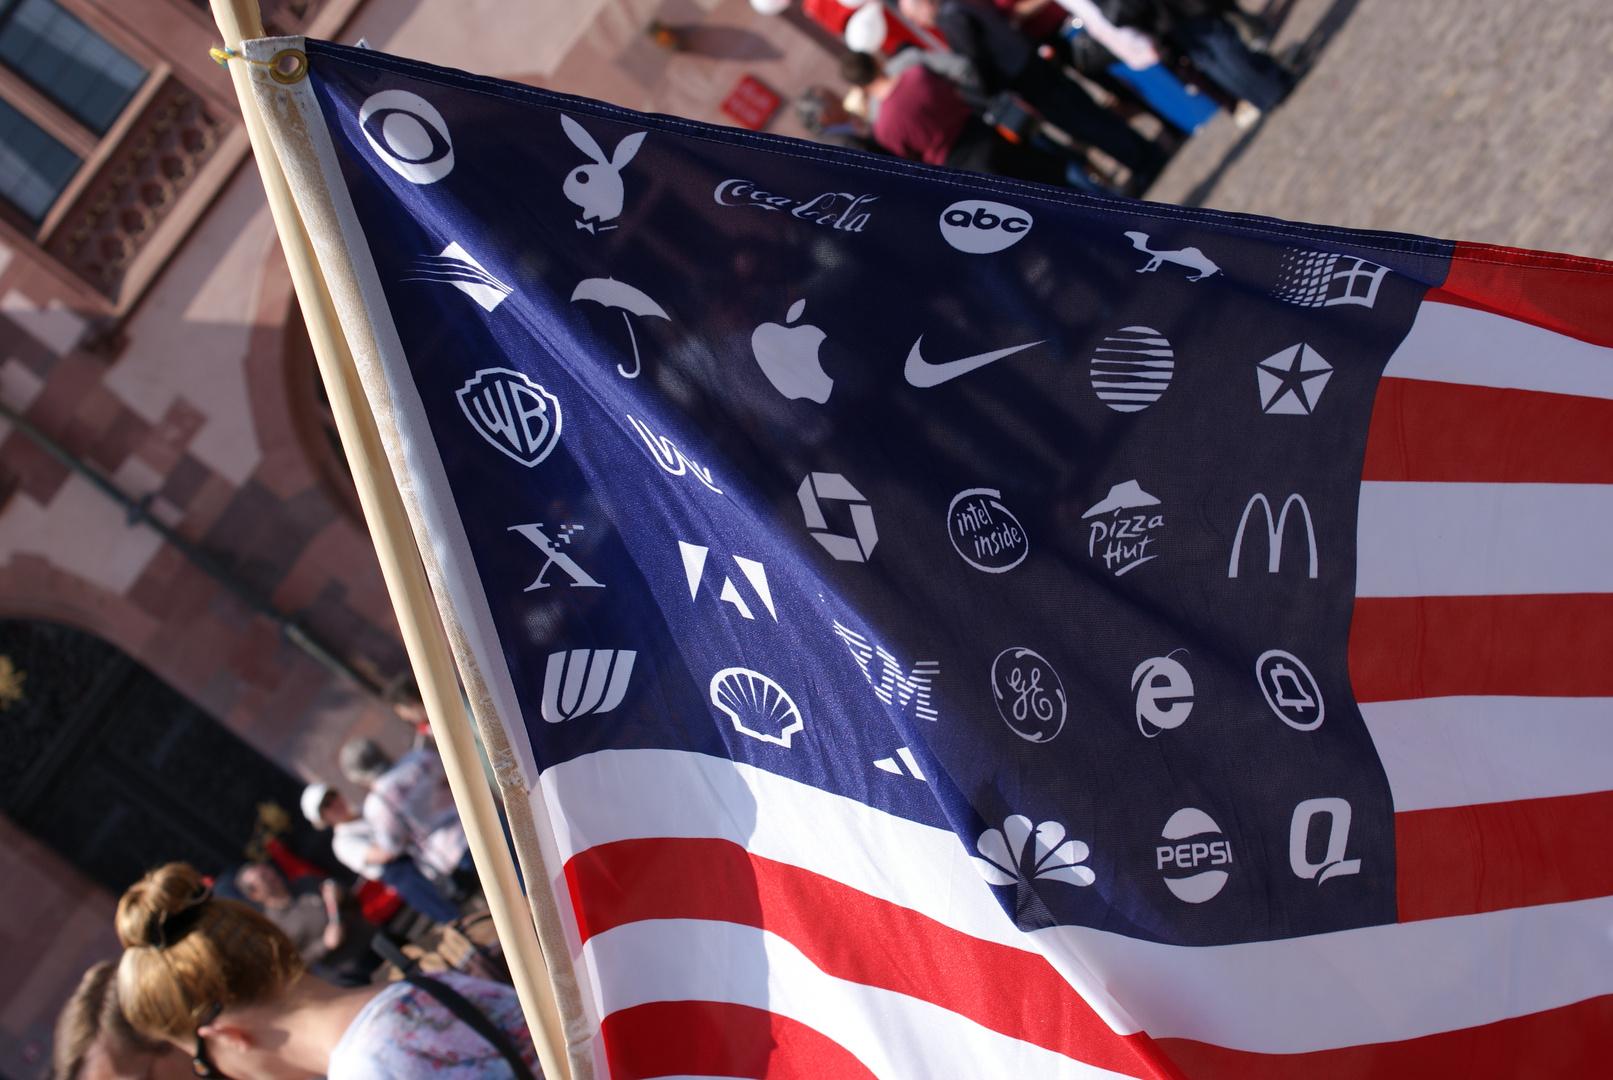 Gegen den Kapitalismus nach USA-Modell